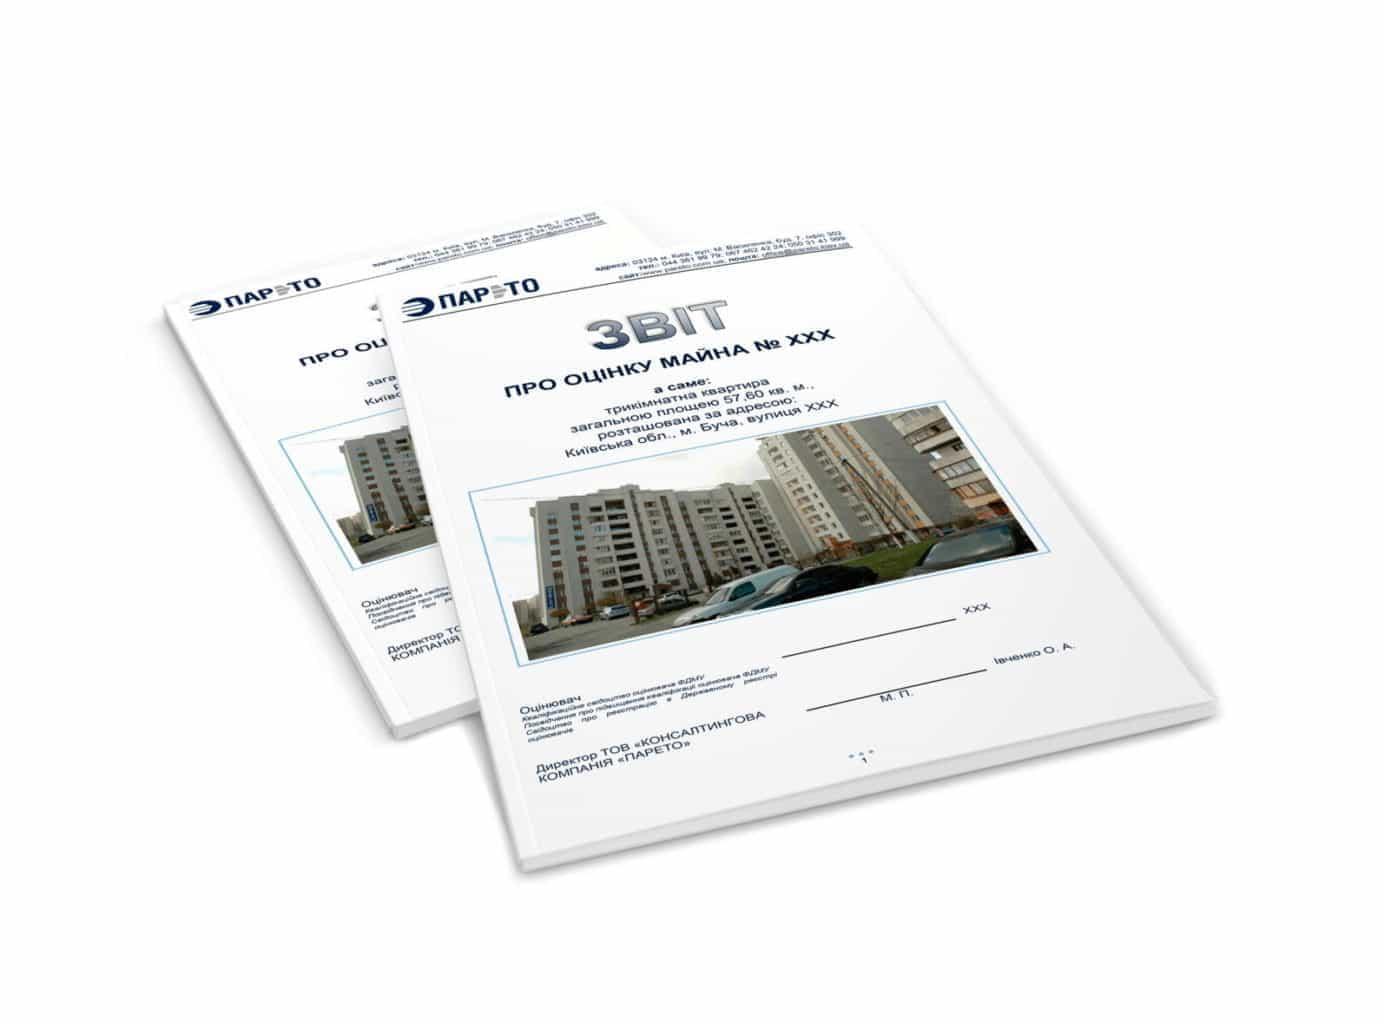 Пример отчета об оценке квартиры, ЭКСПЕРТНАЯ ОЦЕНКА НЕДВИЖИМОСТИ